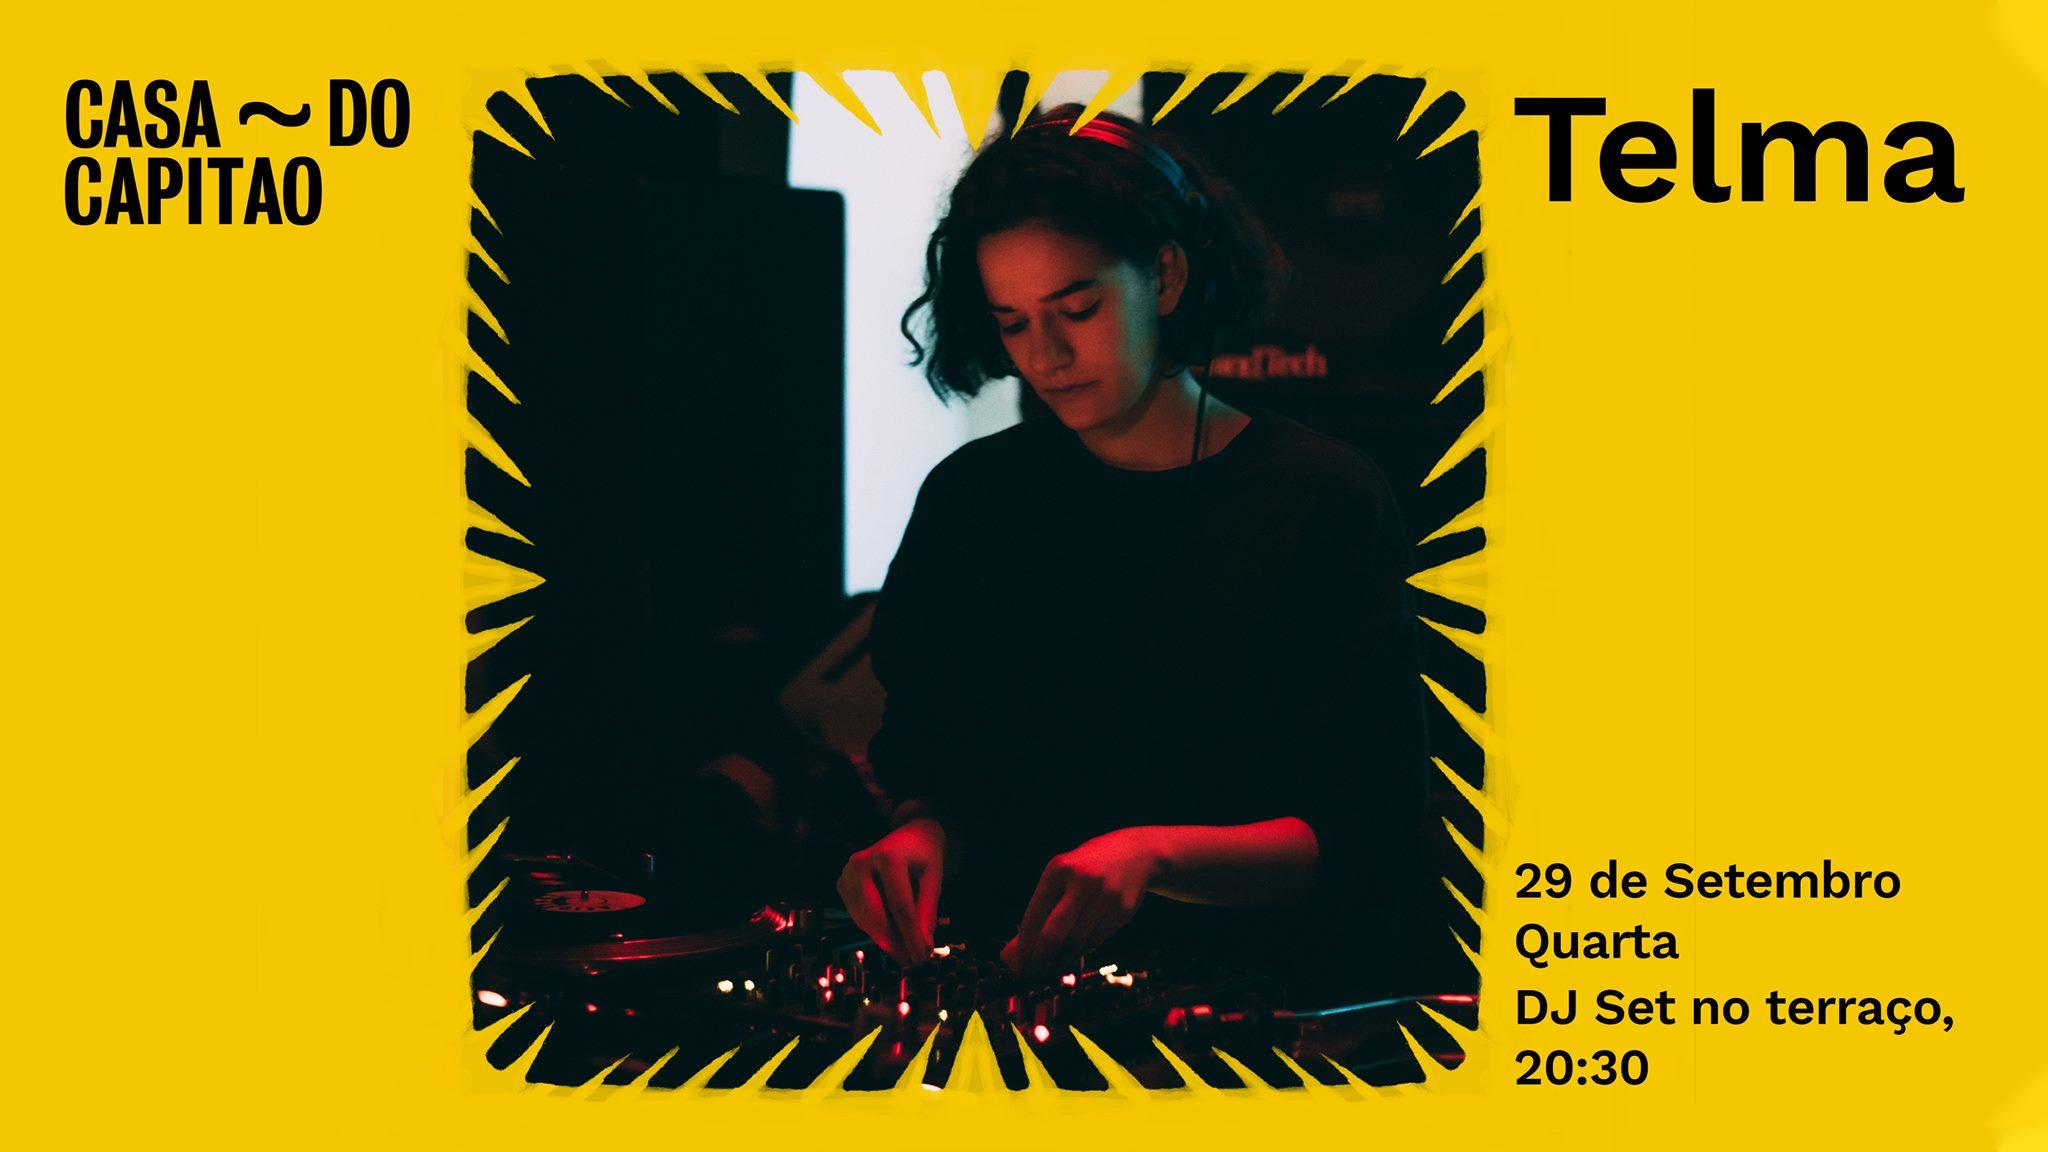 TELMA • DJ Set no terraço